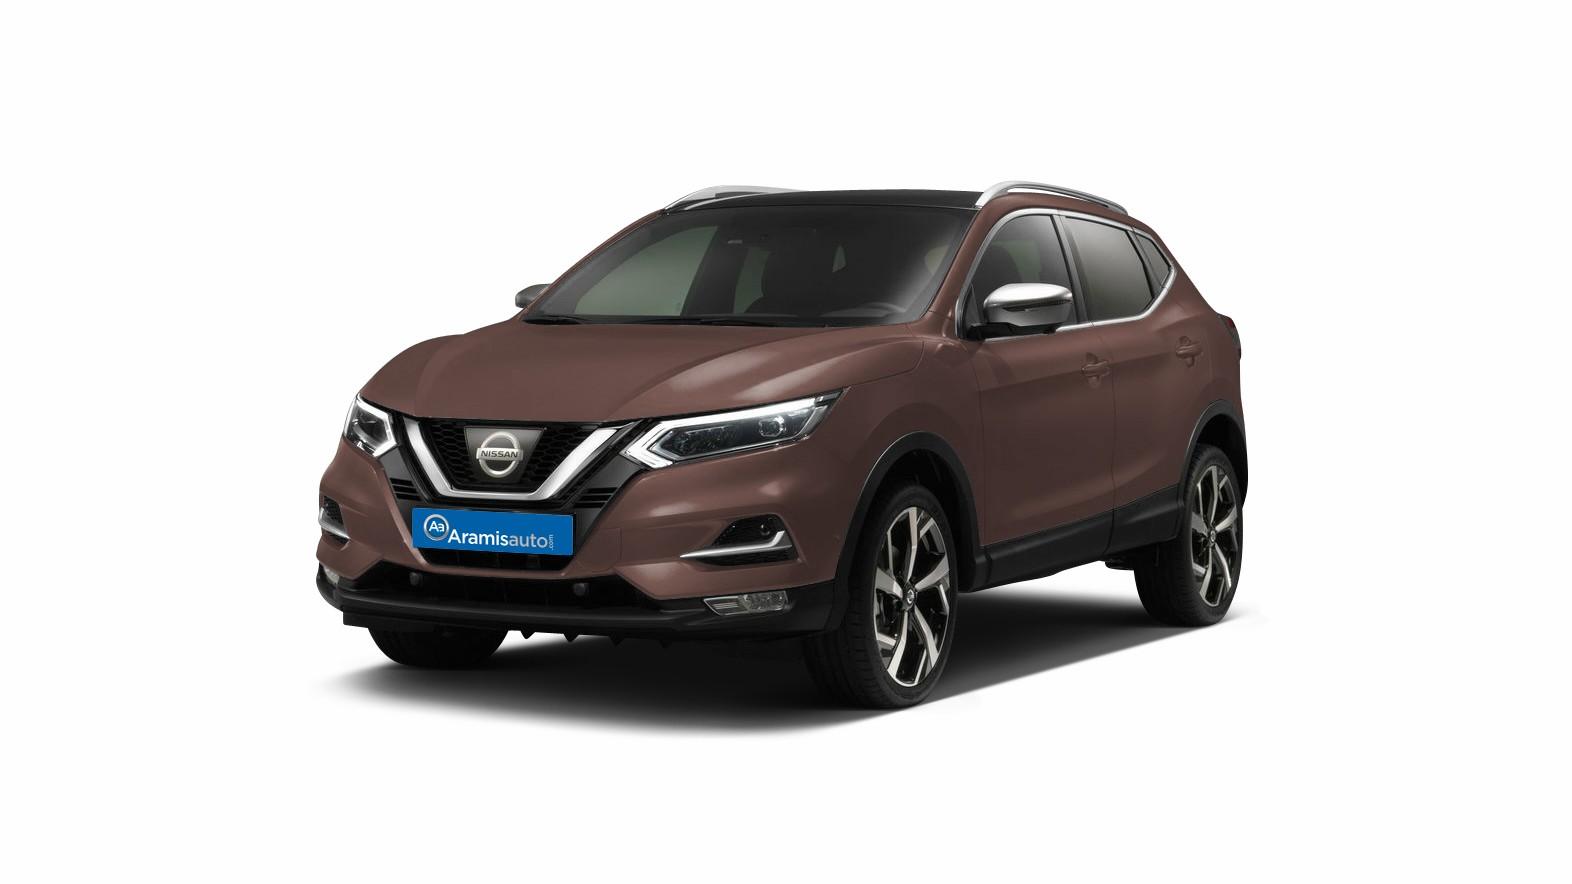 Acheter Nissan Qashqai Nouveau Acenta+GPS Acenta+GPS chez un mandataire auto